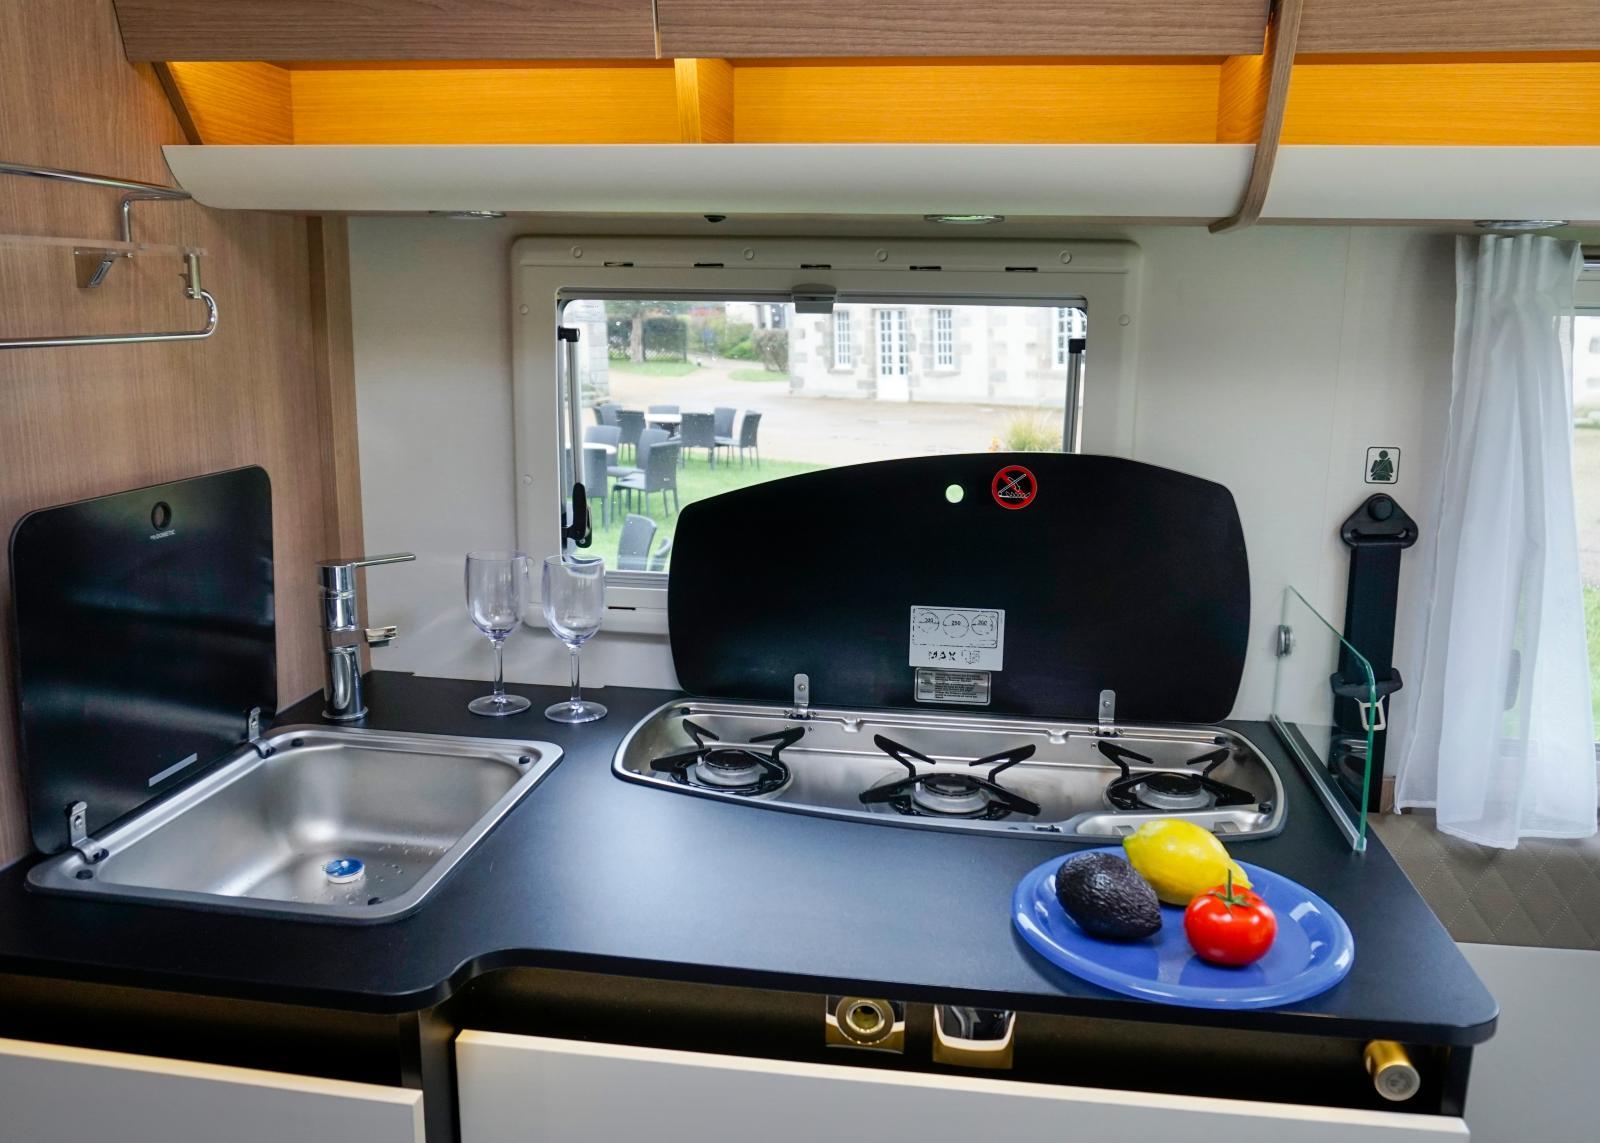 Ett praktiskt kök med kökslådor till höger och faktiskt ett skåp till vänster även om det ser ut som lådor vid första anblick. Bra med arbetsytor!